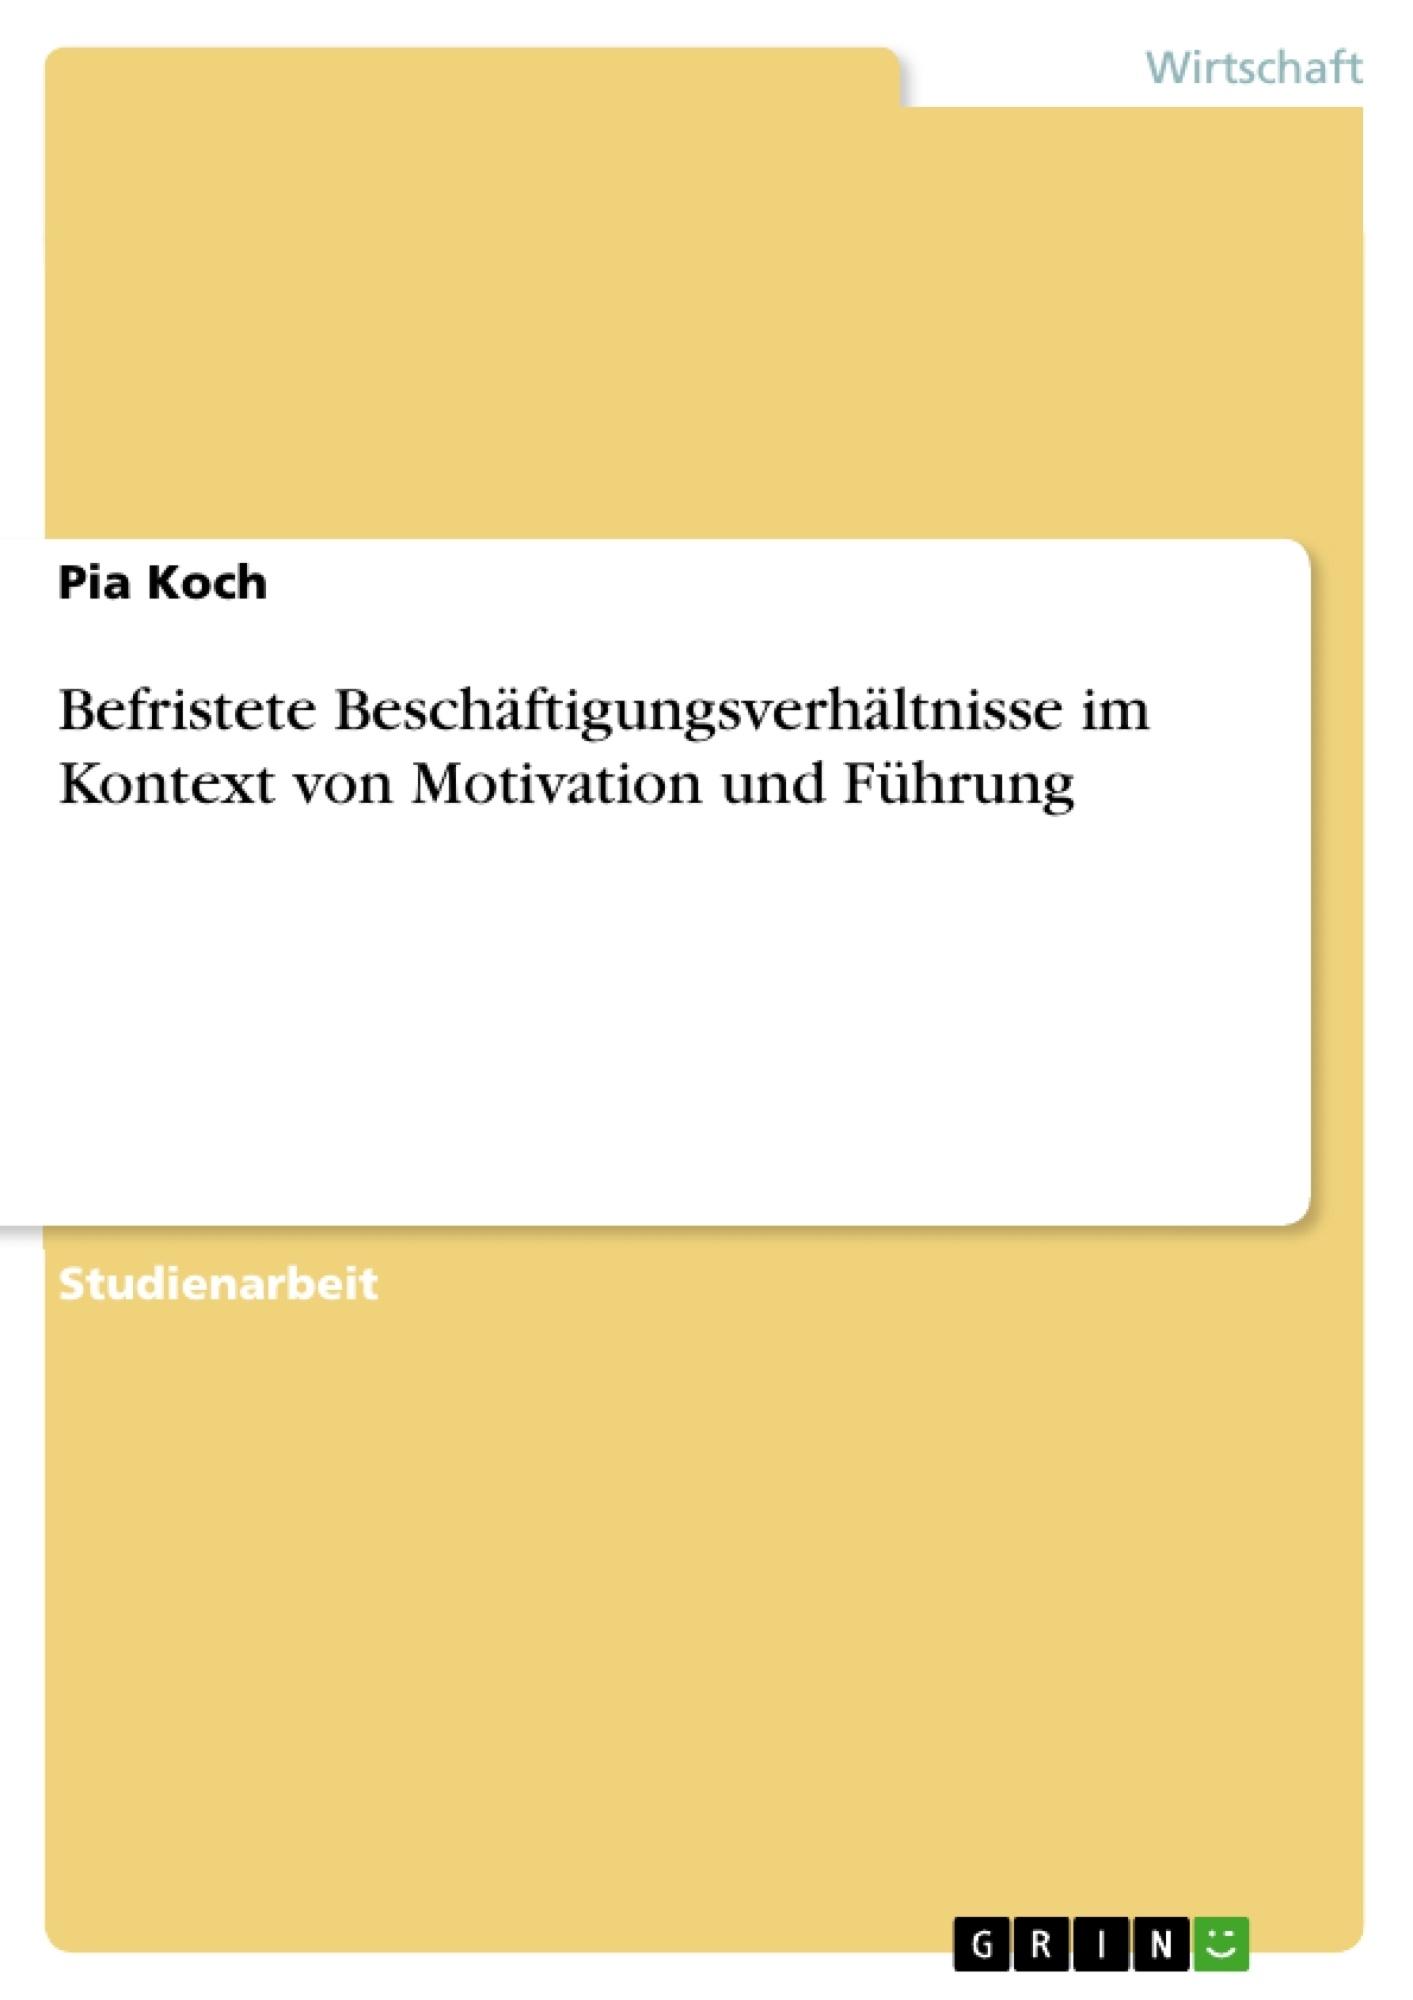 Titel: Befristete Beschäftigungsverhältnisse im Kontext von Motivation und Führung